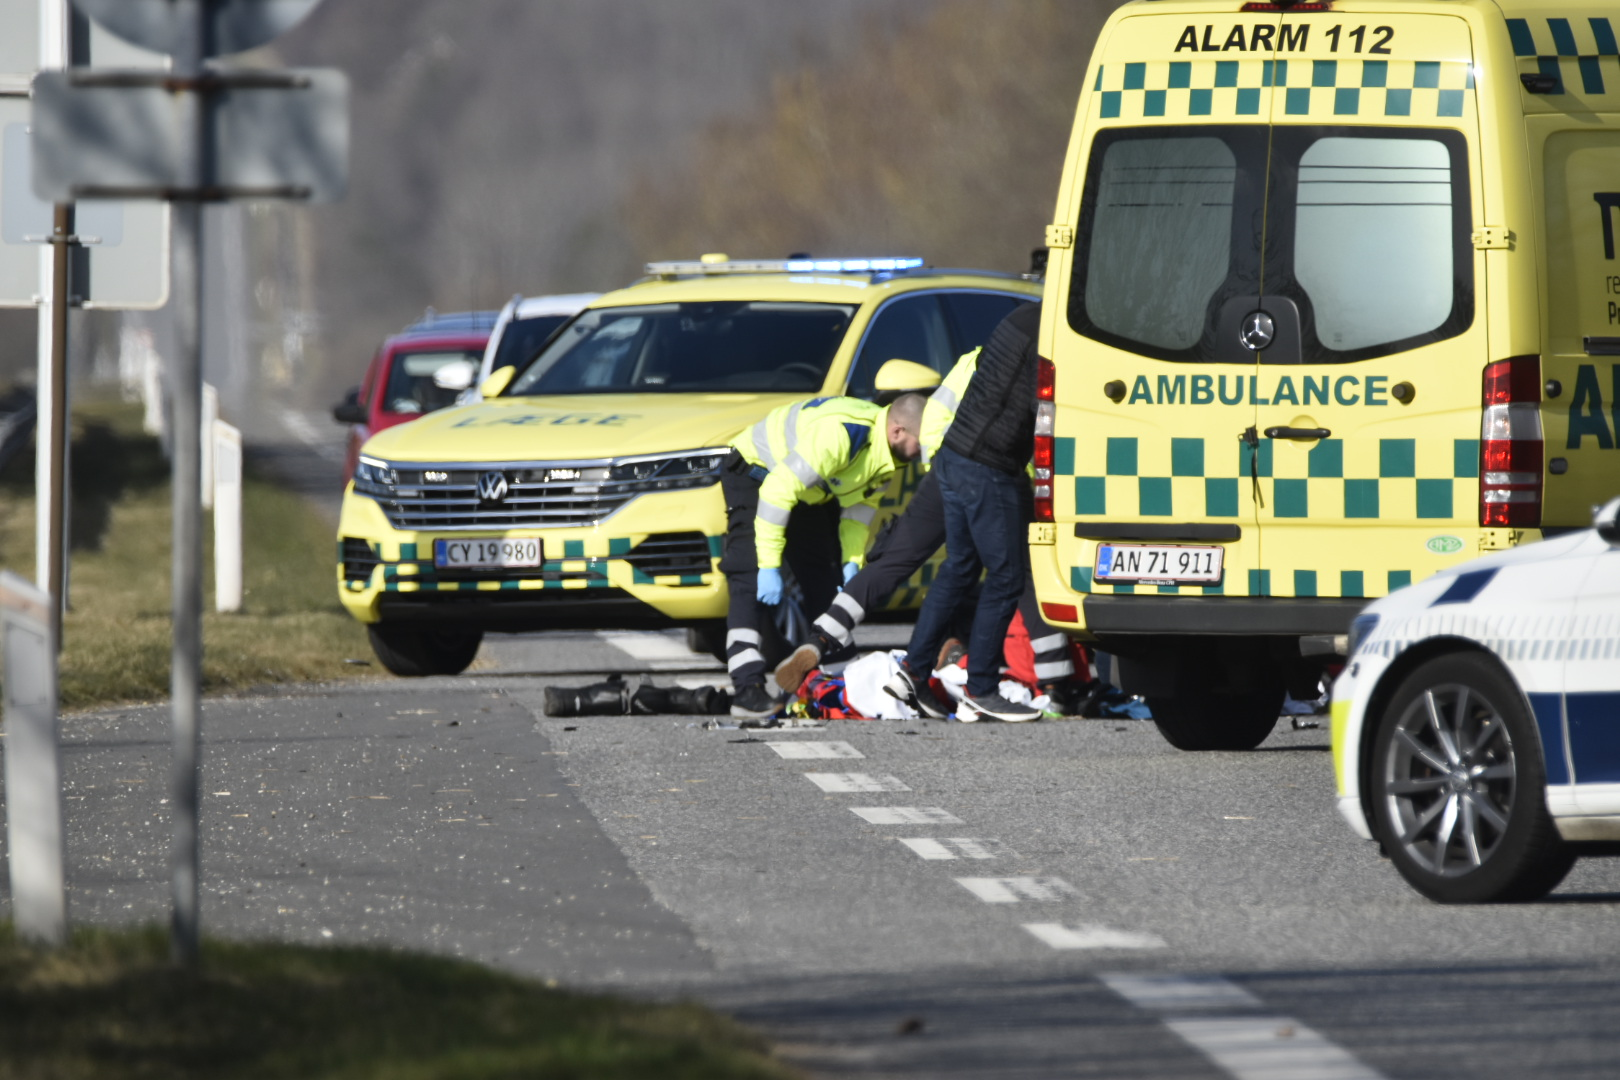 Voldsomt færdselsuheld i Ørnhøj